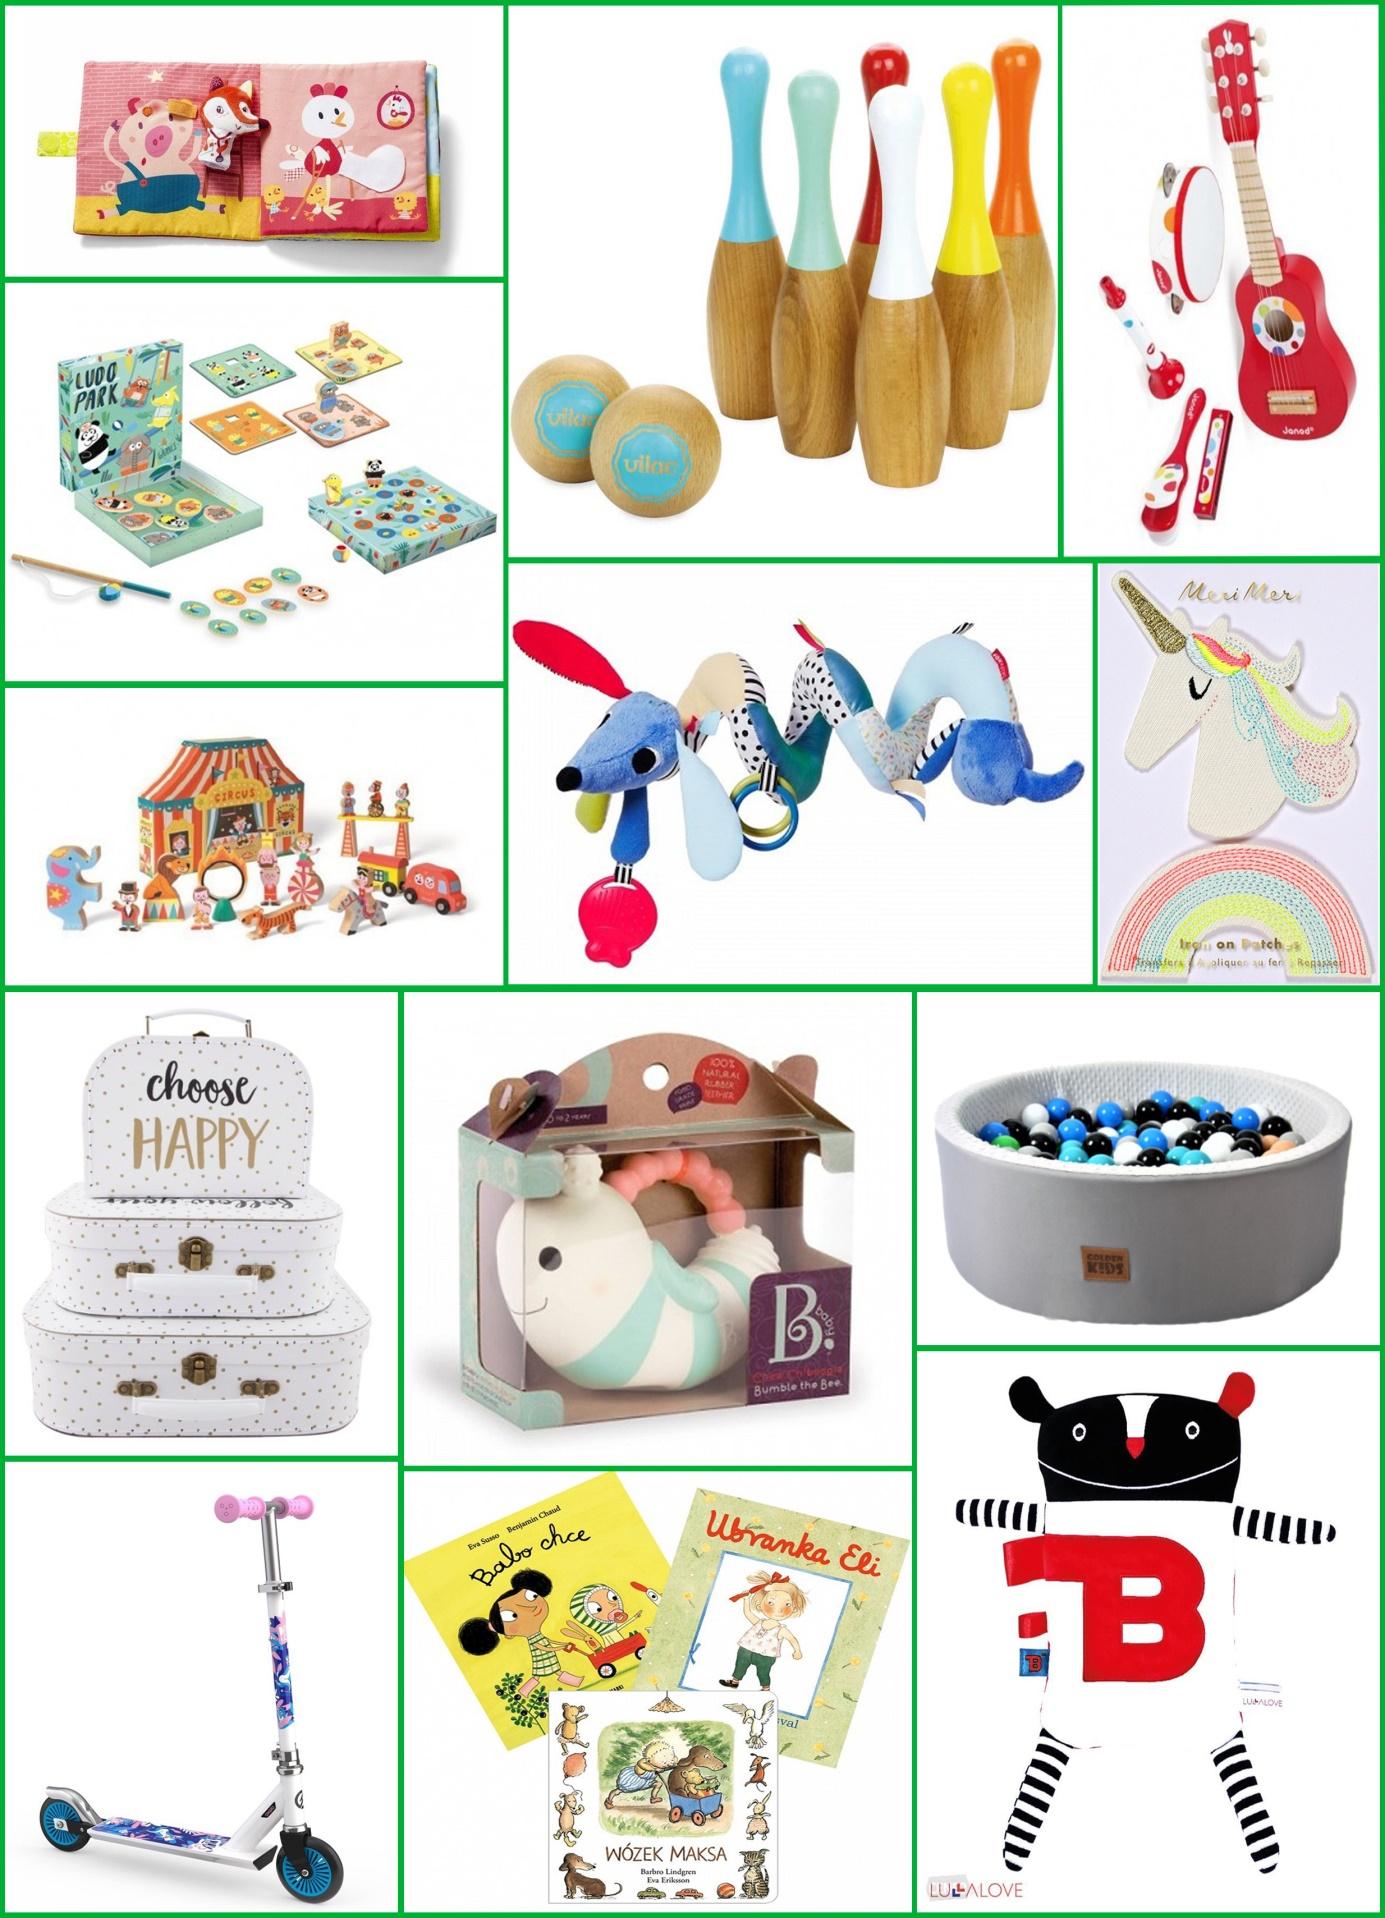 b2733cec Jak wybrać najlepszy prezent dla dziecka? - Inca Play